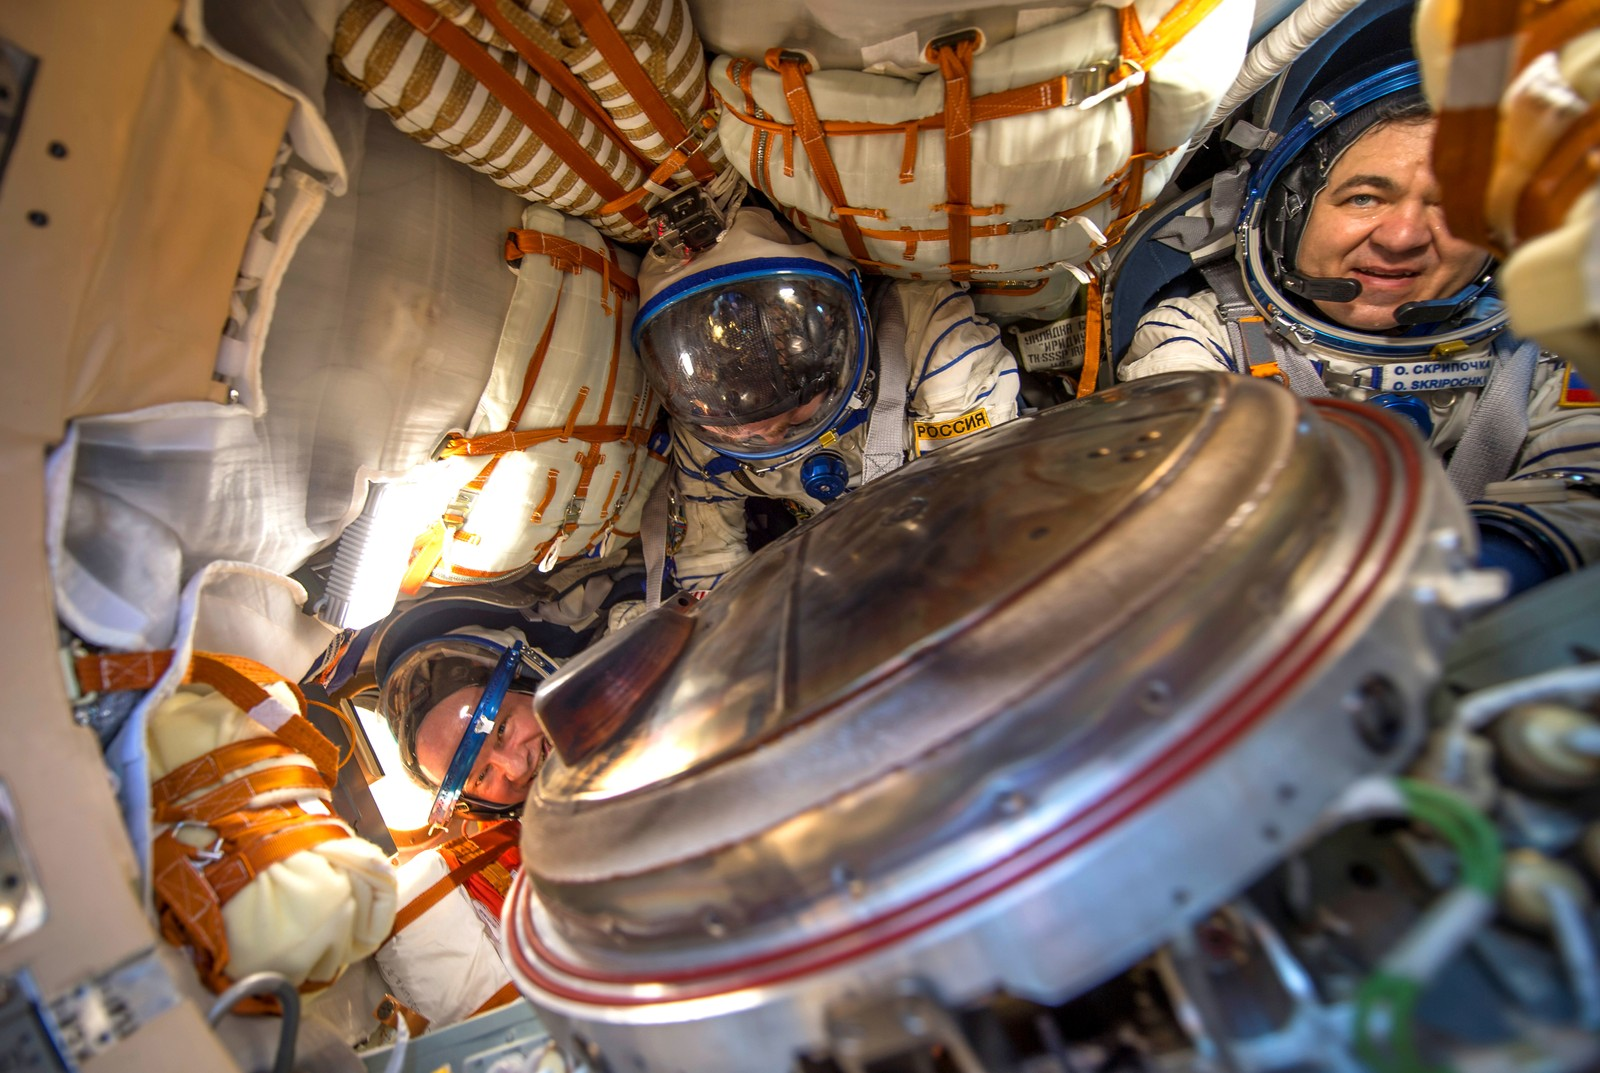 Jeff Williams fra USA, Alexej Ovchinin og Oleg Skripotsja fra Russland har nettopp landet etter å ha vært på Den internasjonale romstasjonen i seks måneder. De landet med romkapselen Soyuz TMA-20M i Kasakhstan den 7. august. 58 år gamle Jeff Williams er den eldste amerikaneren som har vært på en romstasjon. Han har tilbrakt totalt 520 dager i verdensrommet, noe som også er amerikansk rekord. Russeren Gennady Padalka har verdensrekorden med 879 dager.